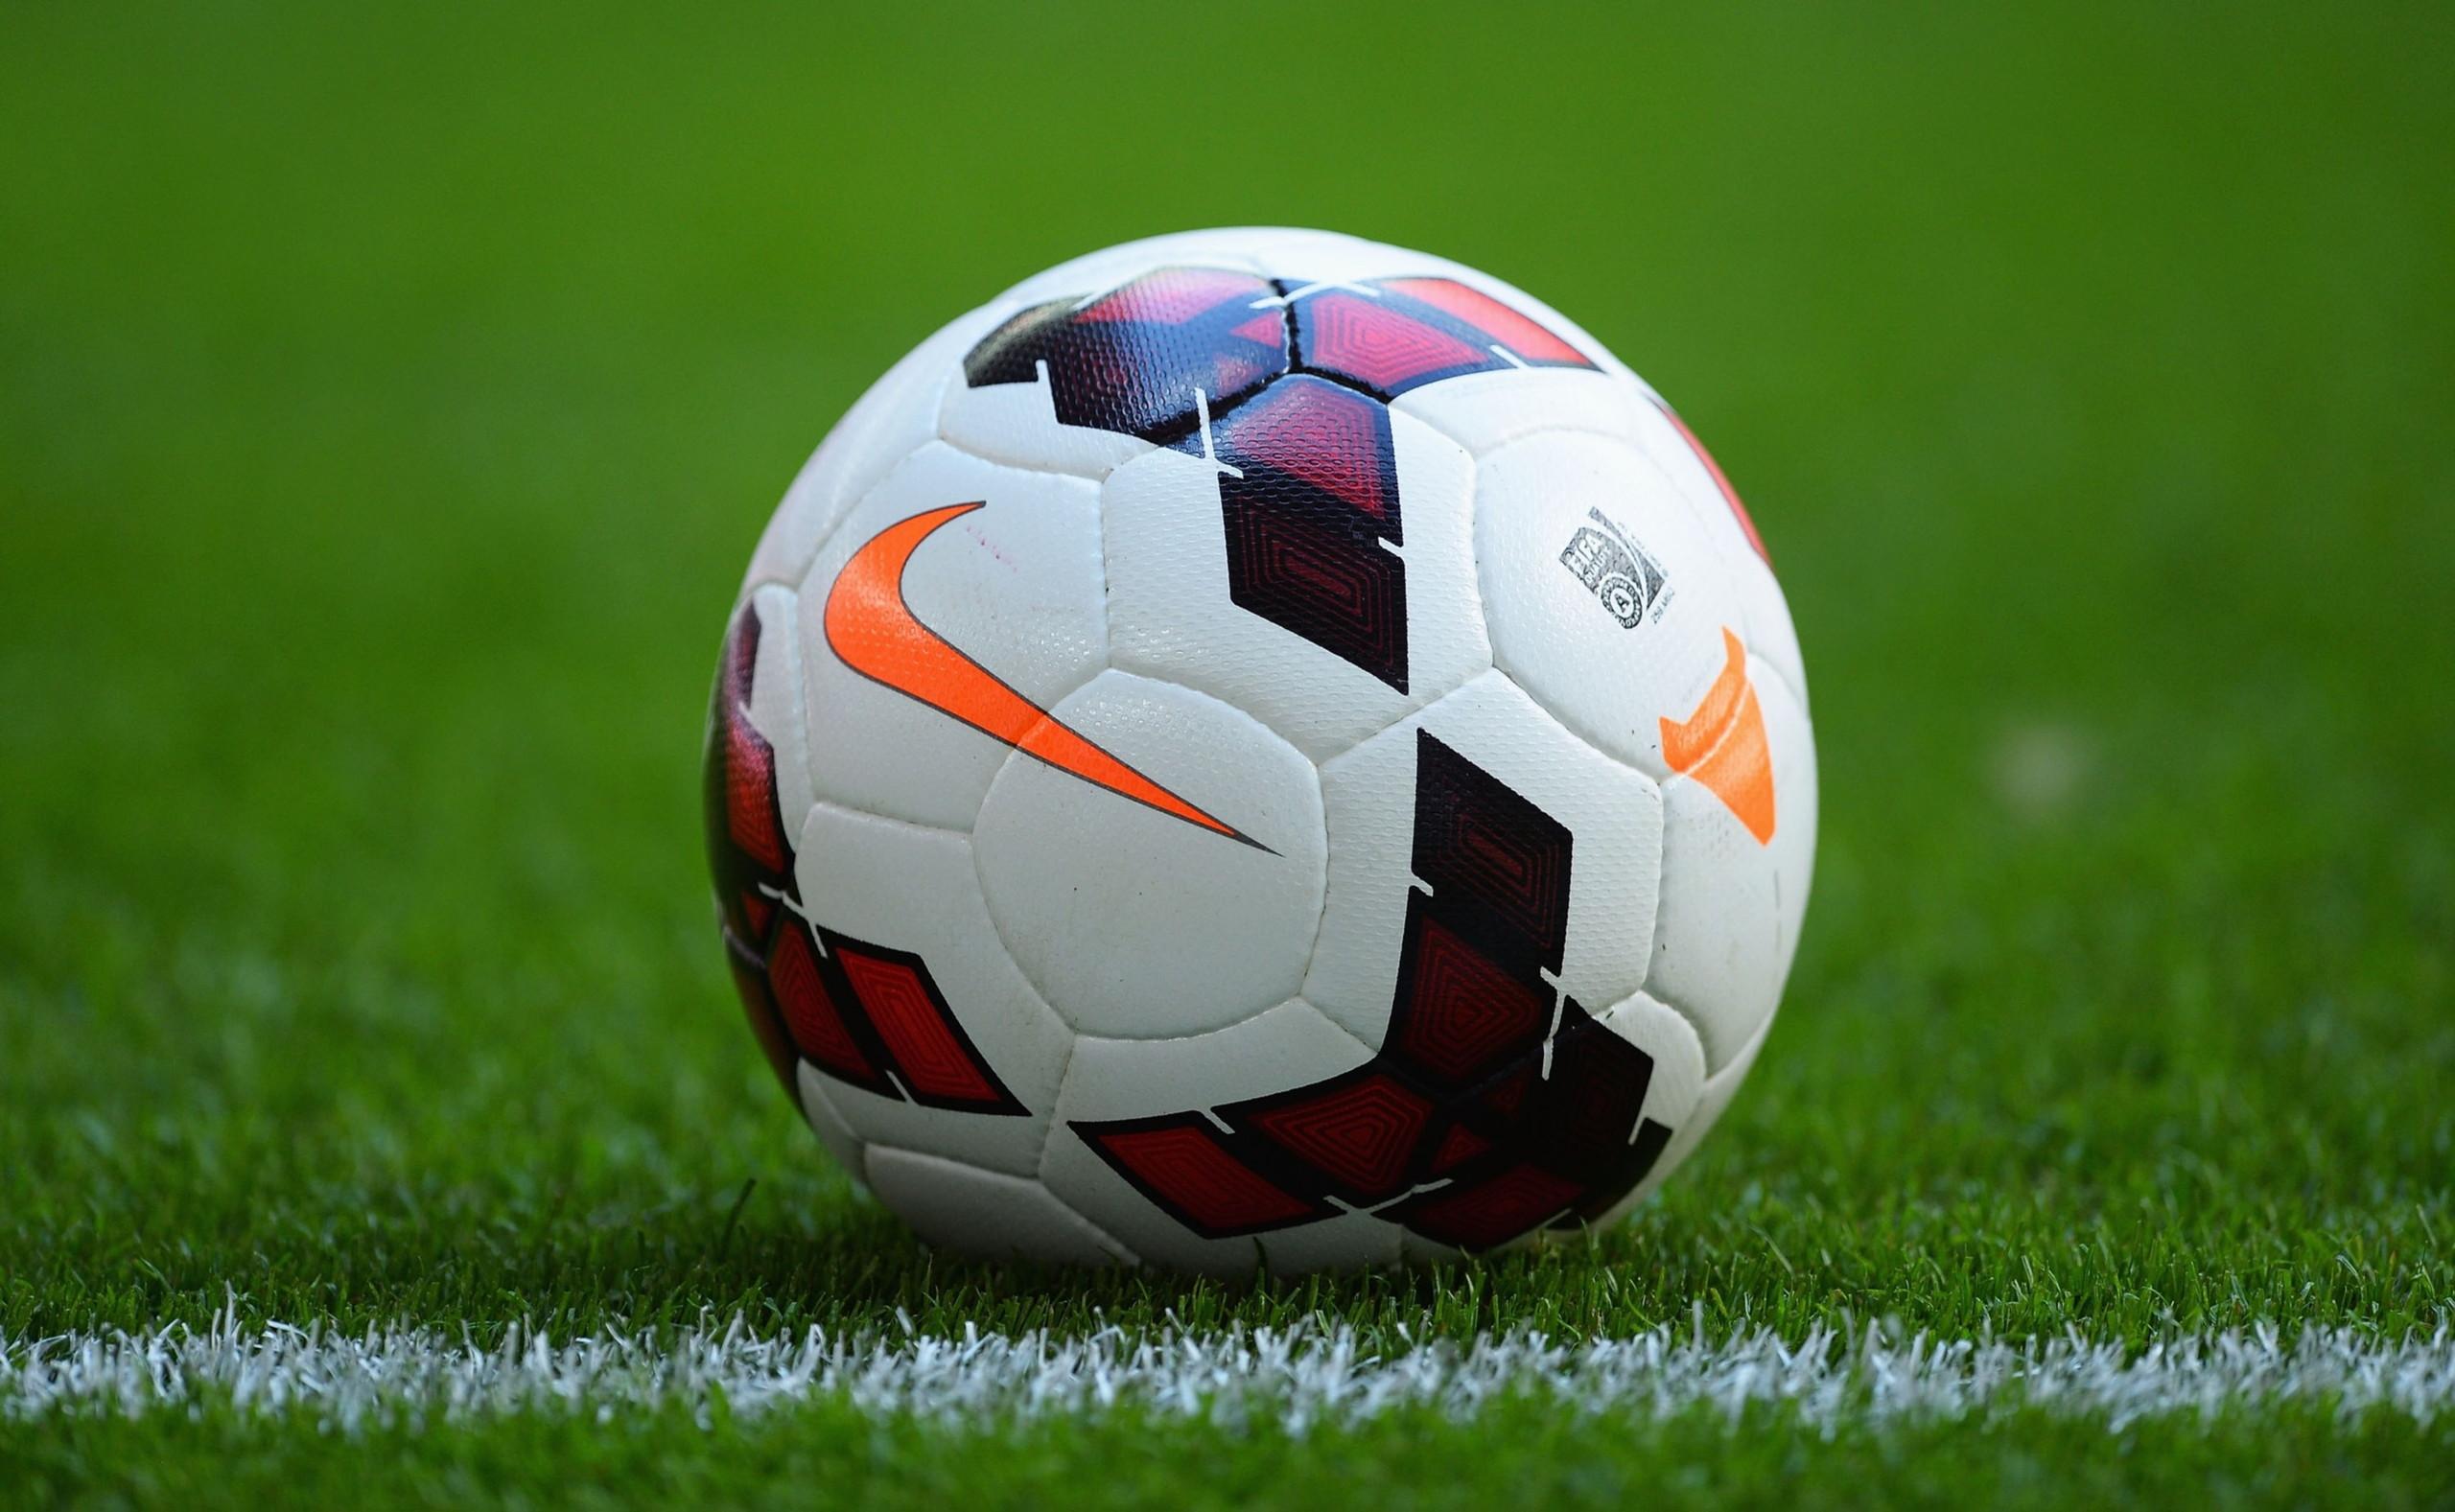 Nhắc đến thể thao không thể không nhắc đến các bộ môn thể thao vua đó là bóng đá. Những hình ảnh về quả bóng lửa, các cầu thủ nổi tiếng, ...